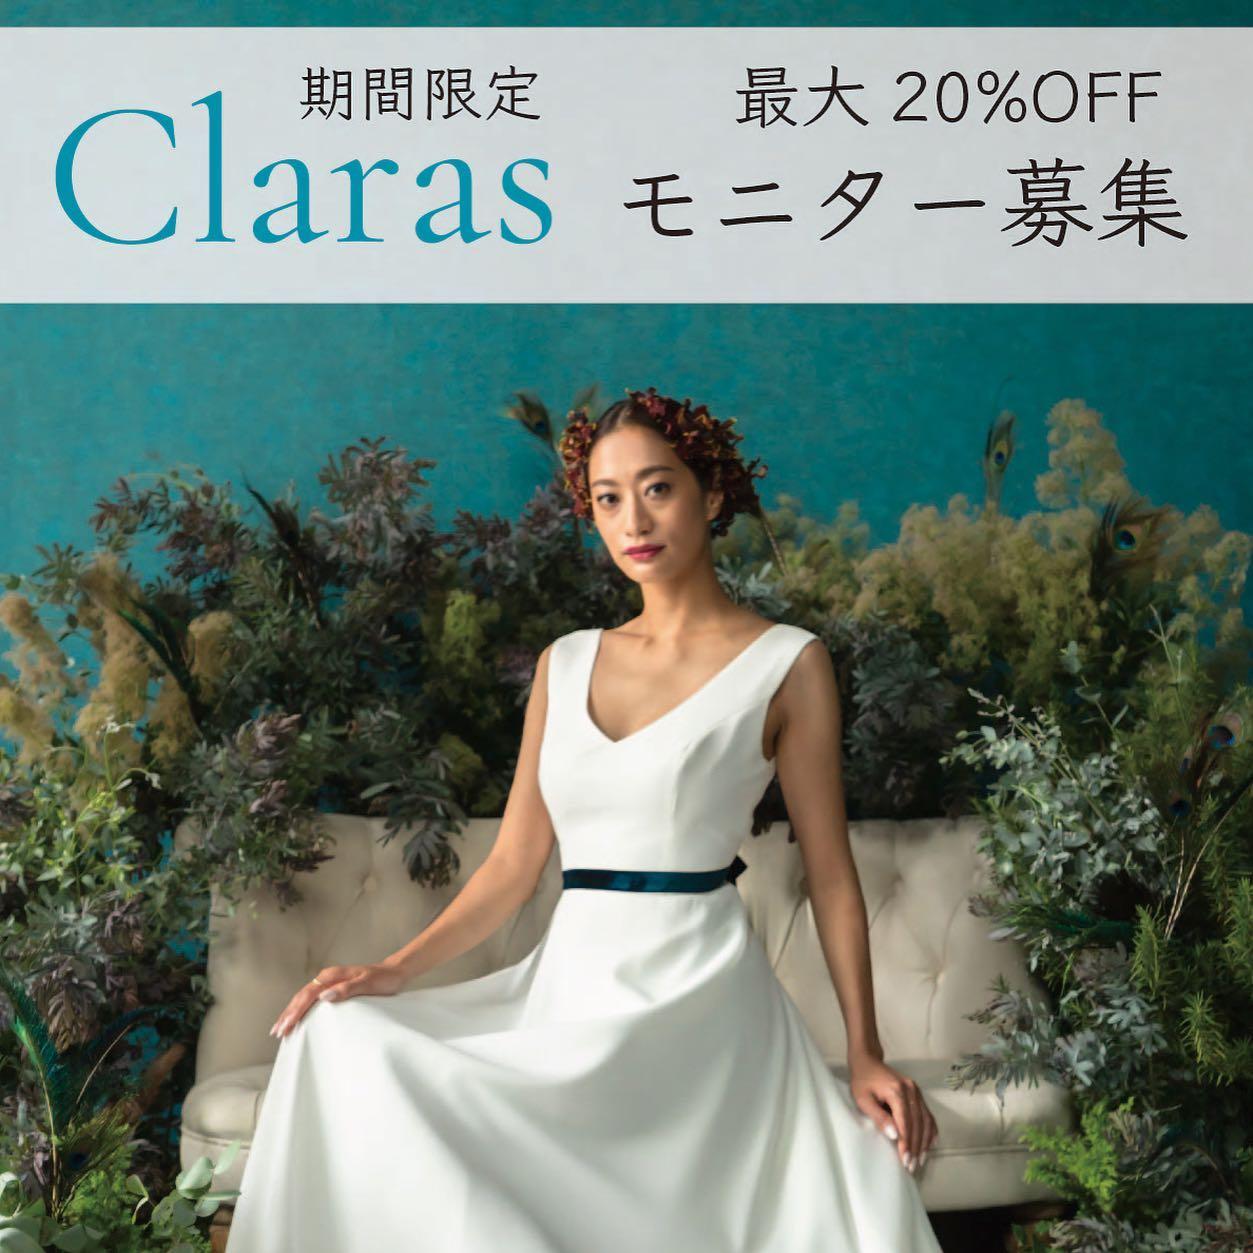 """Claras 夏季限定企画""""モニター企画""""募集🕊🤍・8月22日までにご来店のお客様限定最大20%OFF・『ドレスってレンタルするものだと思ってた』『自分のサイズに合うドレスってあるの』『会場決まってないとドレス決められないの』などなど、、沢山の疑問にもお答えします今までの常識から新しいドレス選びの常識をClarasから発信していくため、まずは価値を体験して欲しいという想いから今回の企画に至りました・これから結婚準備を開始する方🕊結婚は決まっているけど色々お悩みの方🕊改めて結婚記念日にお写真撮りたい方🕊フォトも撮りたいし落ち着いたらパーティもしたい方🕊など・-応募条件-ClarasのInstagramをフォローSNSでのお写真紹介をご了承いただける方モニターを体験されるお客様自身からの応募・沢山のご応募お待ちしております応募はDMからどうぞDMを頂いた後、いただきたいお客様情報など個別にお伝えさせていただきます・#wedding #weddingdress #lclaras #paris #ウェディングドレス #プレ花嫁 #ドレス試着 #2021冬婚 #ヘアメイク #結婚式  #ドレス選び #前撮り #後撮り #フォトウェディング #ウェディングヘア  #フォト婚 #前撮り写真 #ブライダルフォト #カップルフォト #ウェディングドレス探し #ウェディングドレス試着 #レンタルドレス #ドレスショップ #家族婚 #バウリニューアル #記念日婚 #モニター募集 #ドレス迷子 #婚約しました #プロポーズされました"""